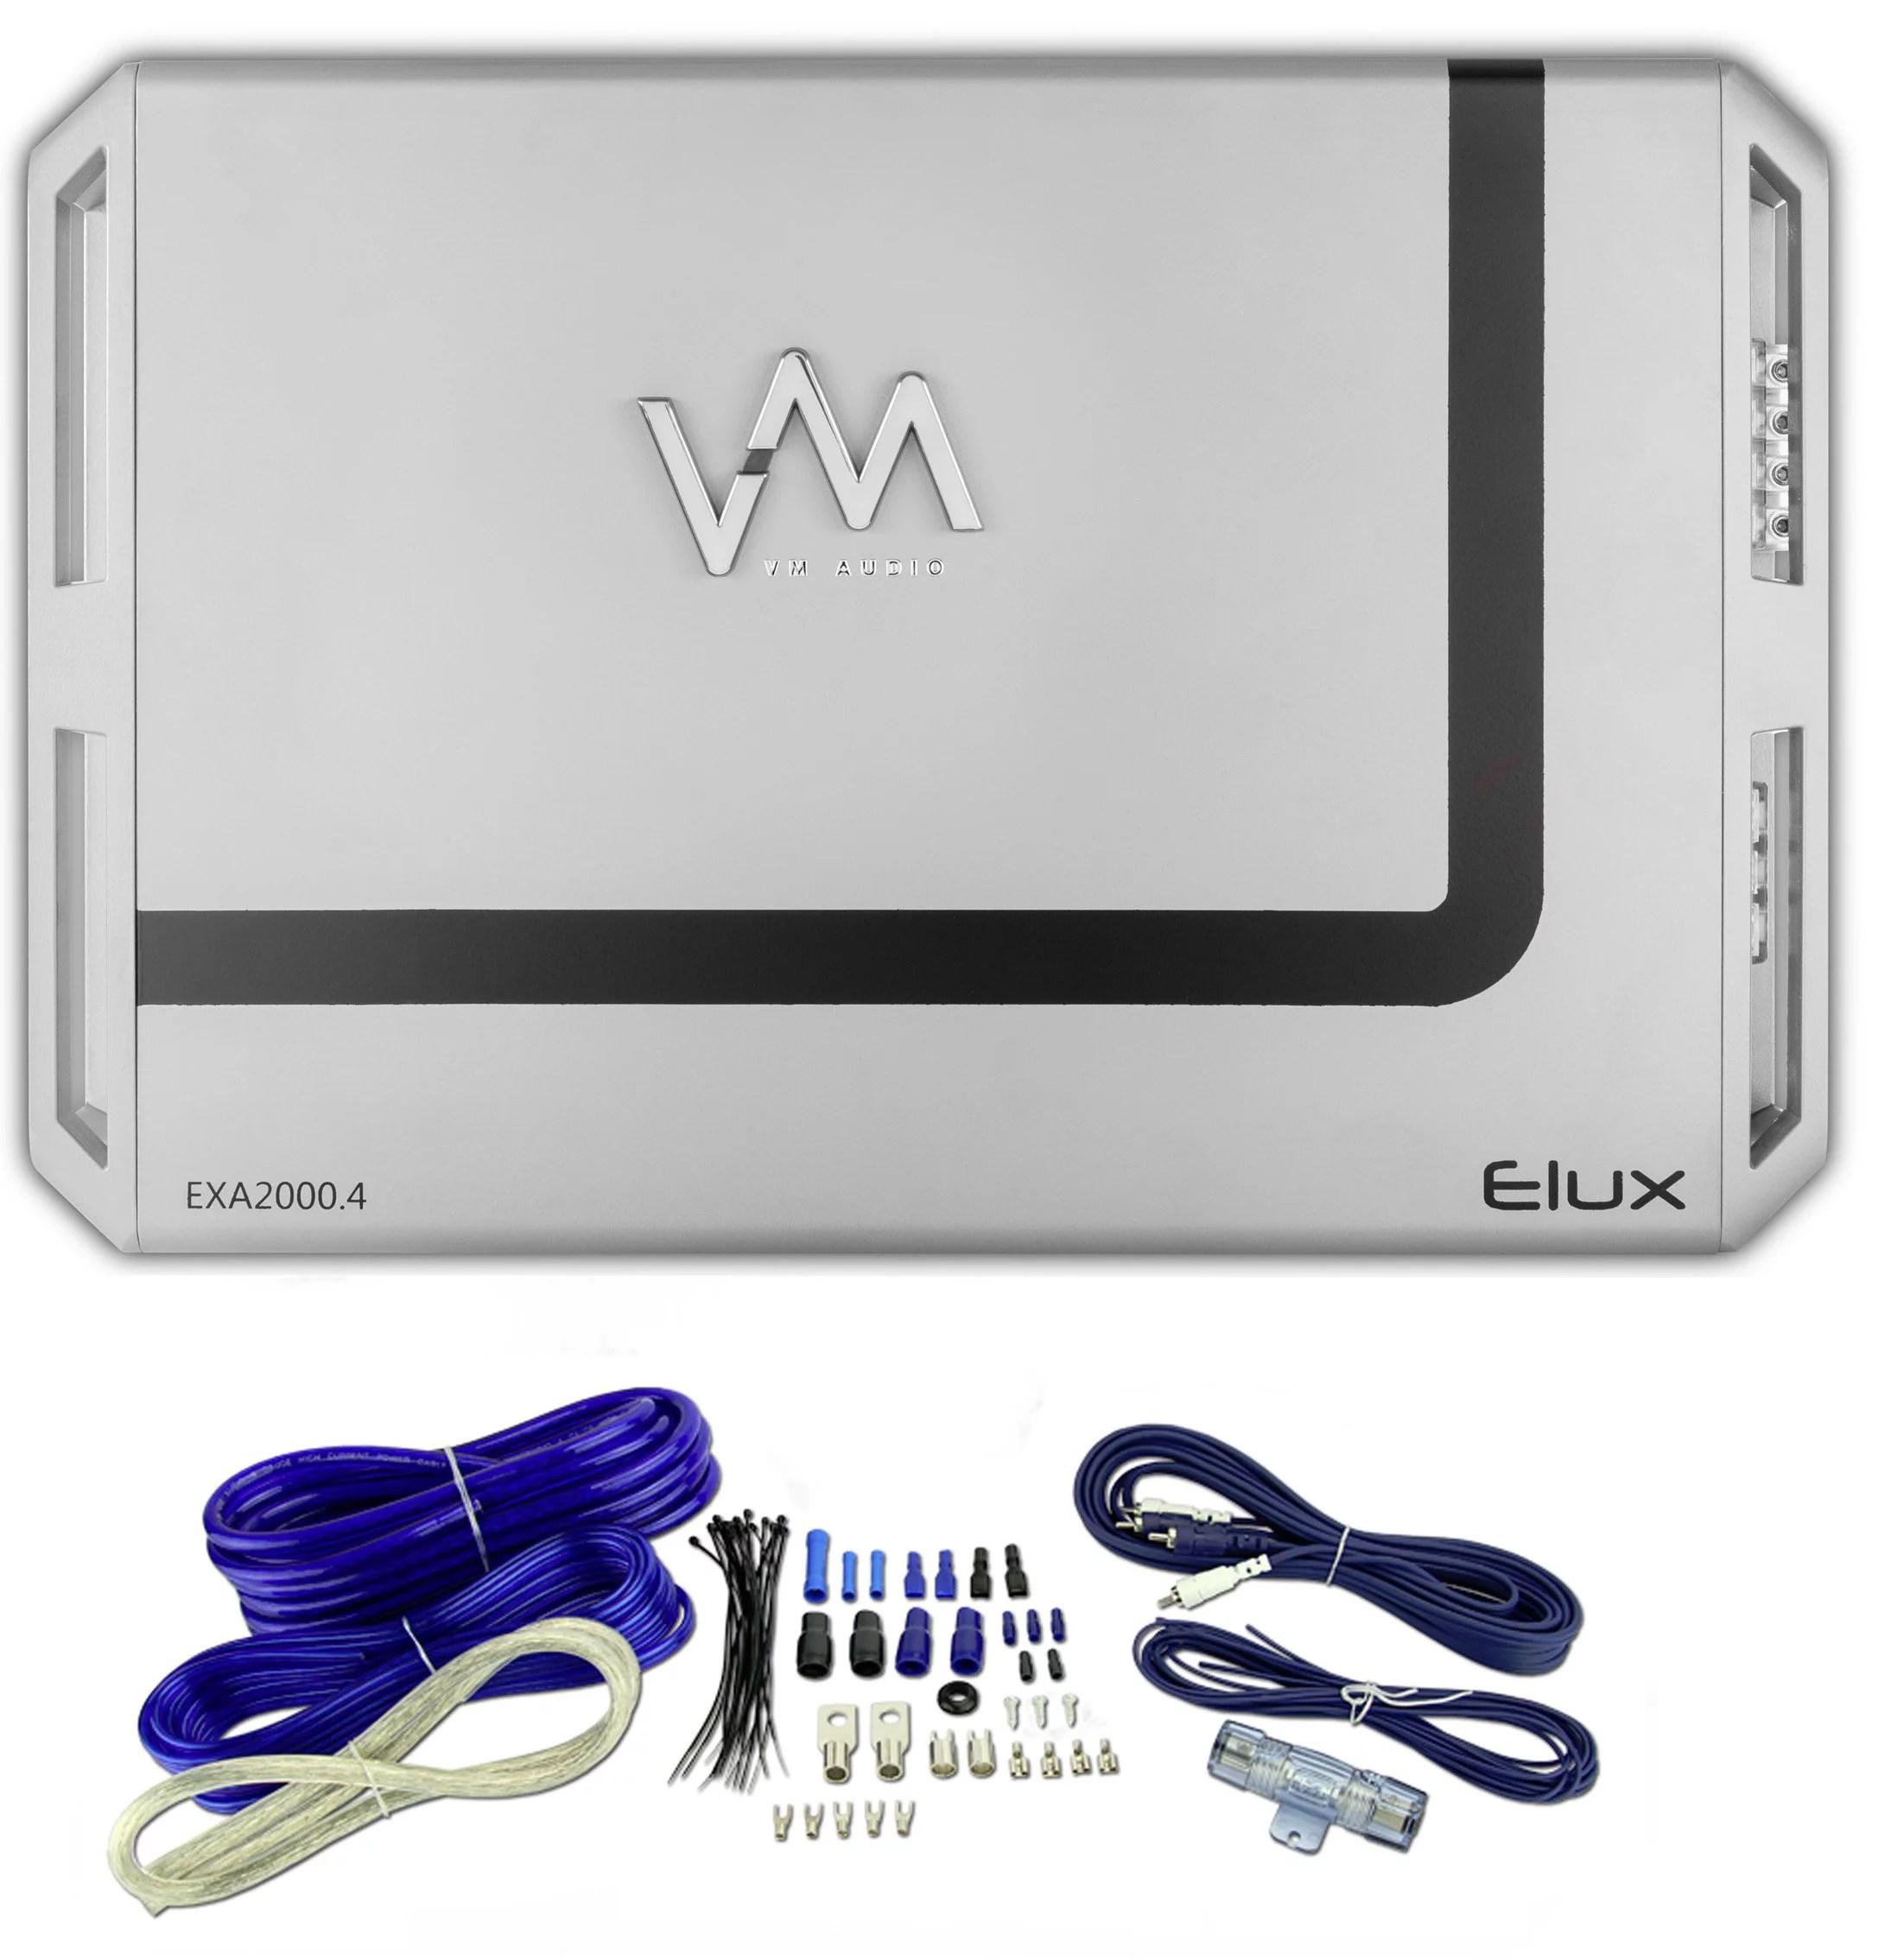 hight resolution of 1200w 5 channel car amplifier vm audio 4gauge amplifier wiring kit 4 channel amp 6 speakers diagram 5 channel car amp wiring diagram